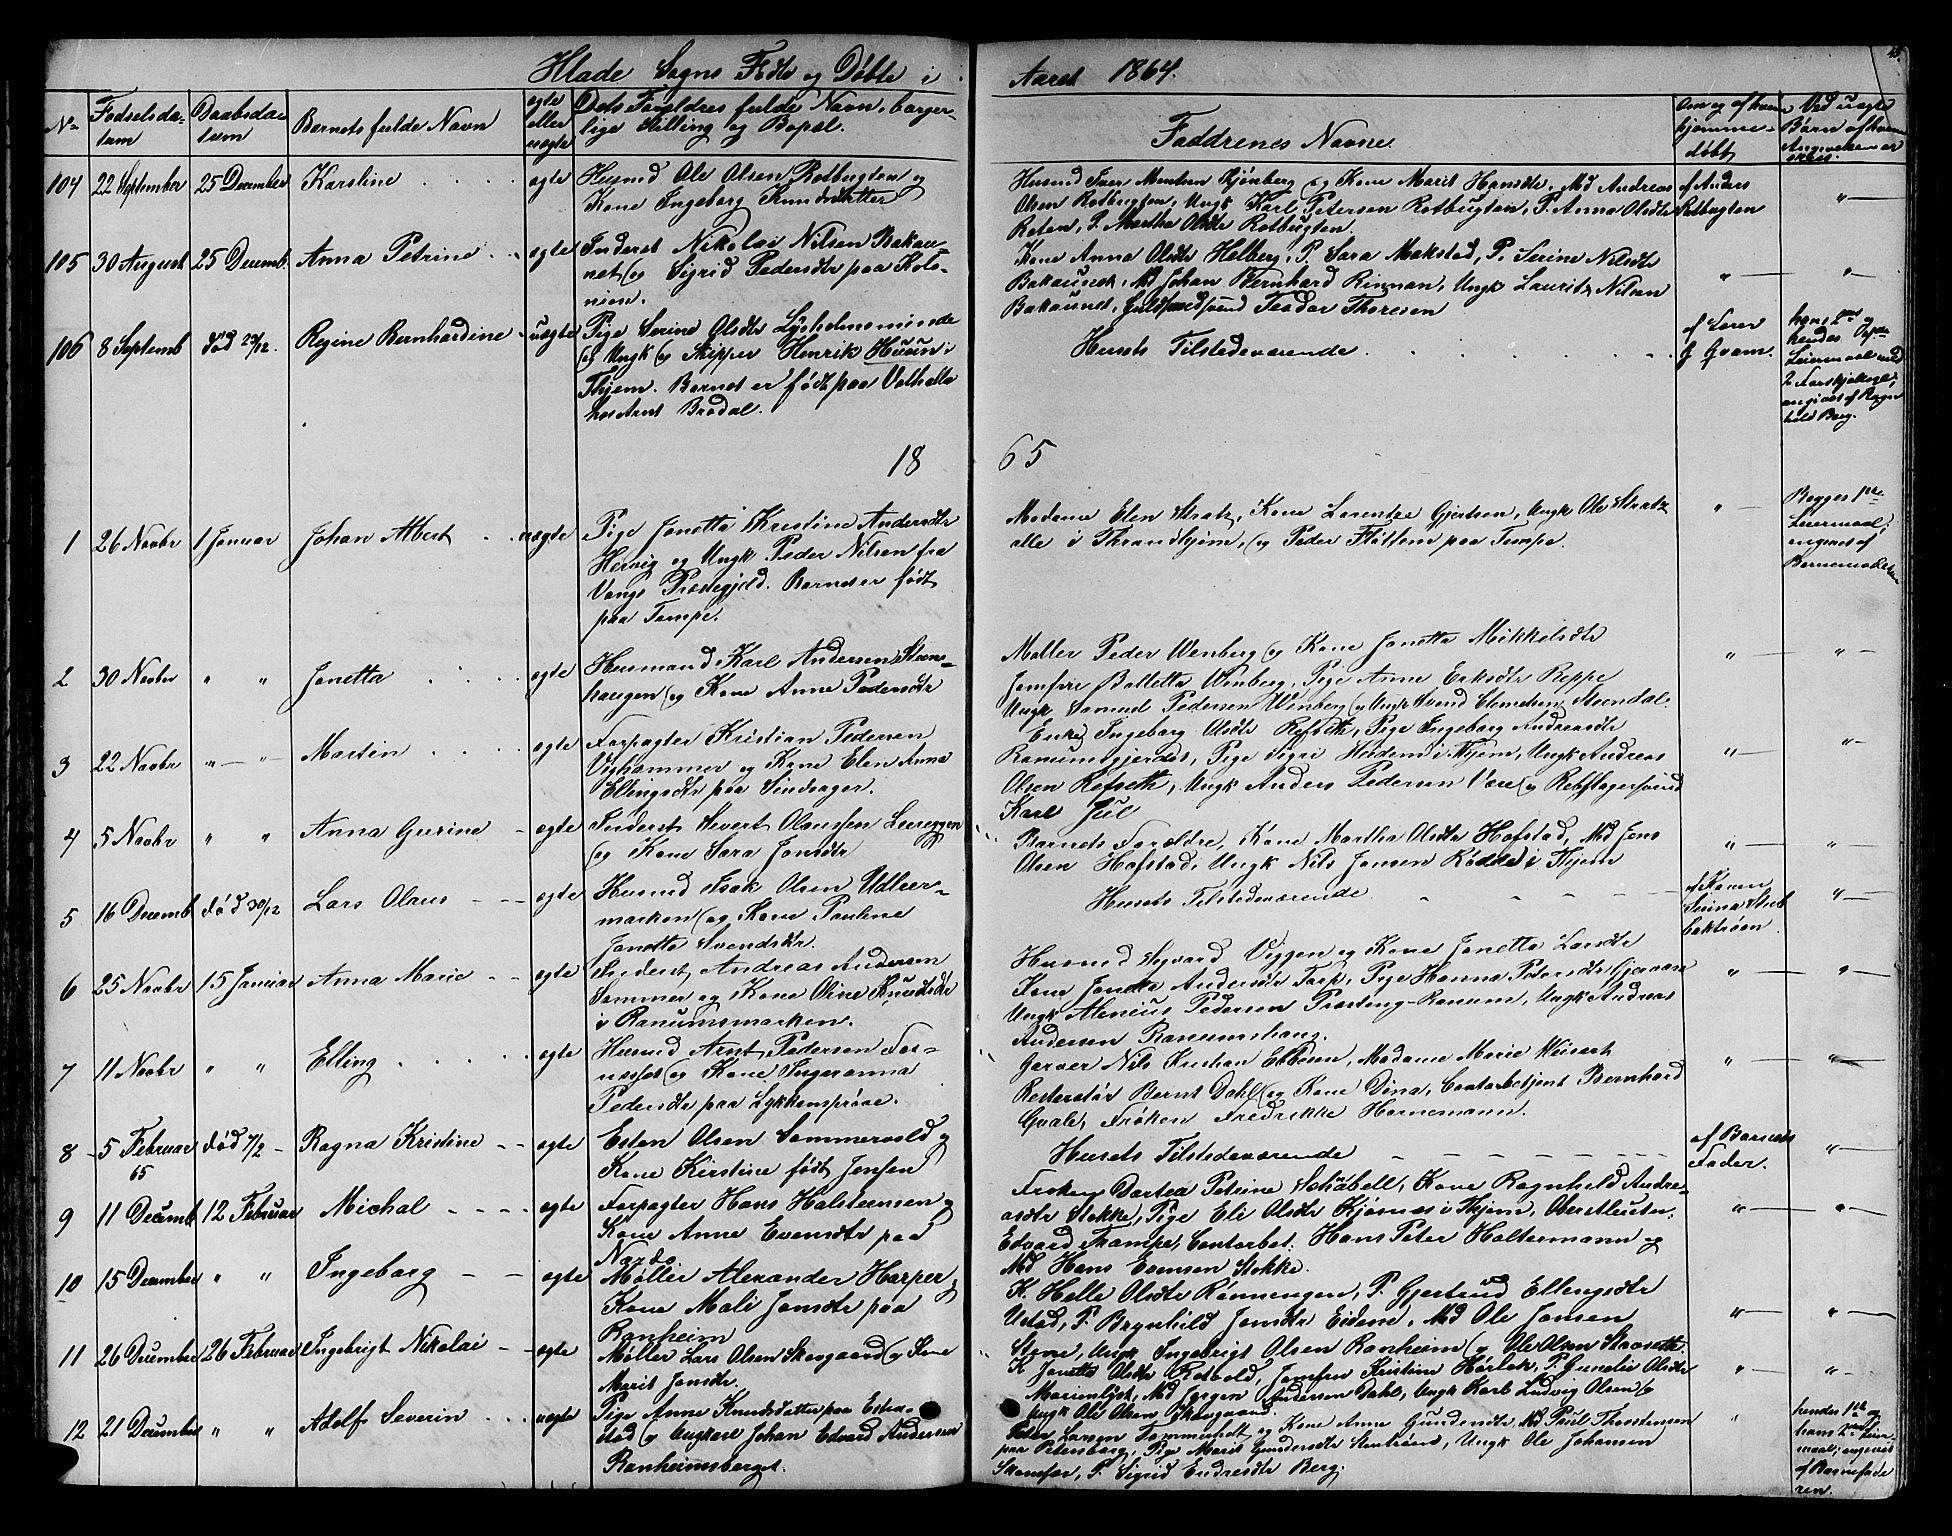 SAT, Ministerialprotokoller, klokkerbøker og fødselsregistre - Sør-Trøndelag, 606/L0311: Klokkerbok nr. 606C07, 1860-1877, s. 45